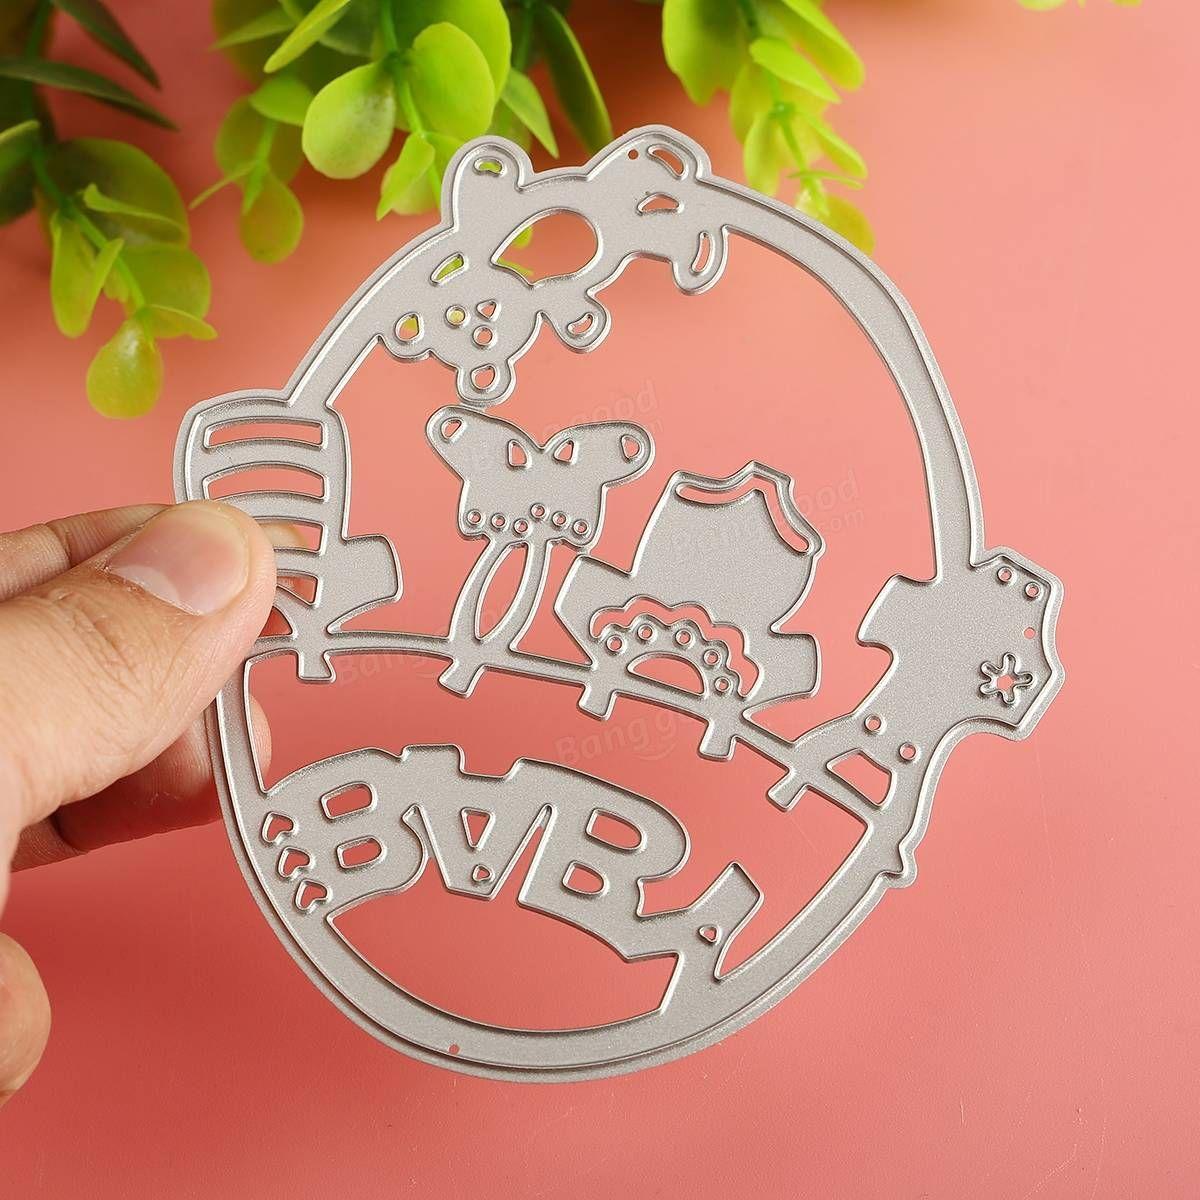 Shoe taglio orso panno metallo muore Stencil dell'album della carta dell'album carta goffratura Craft